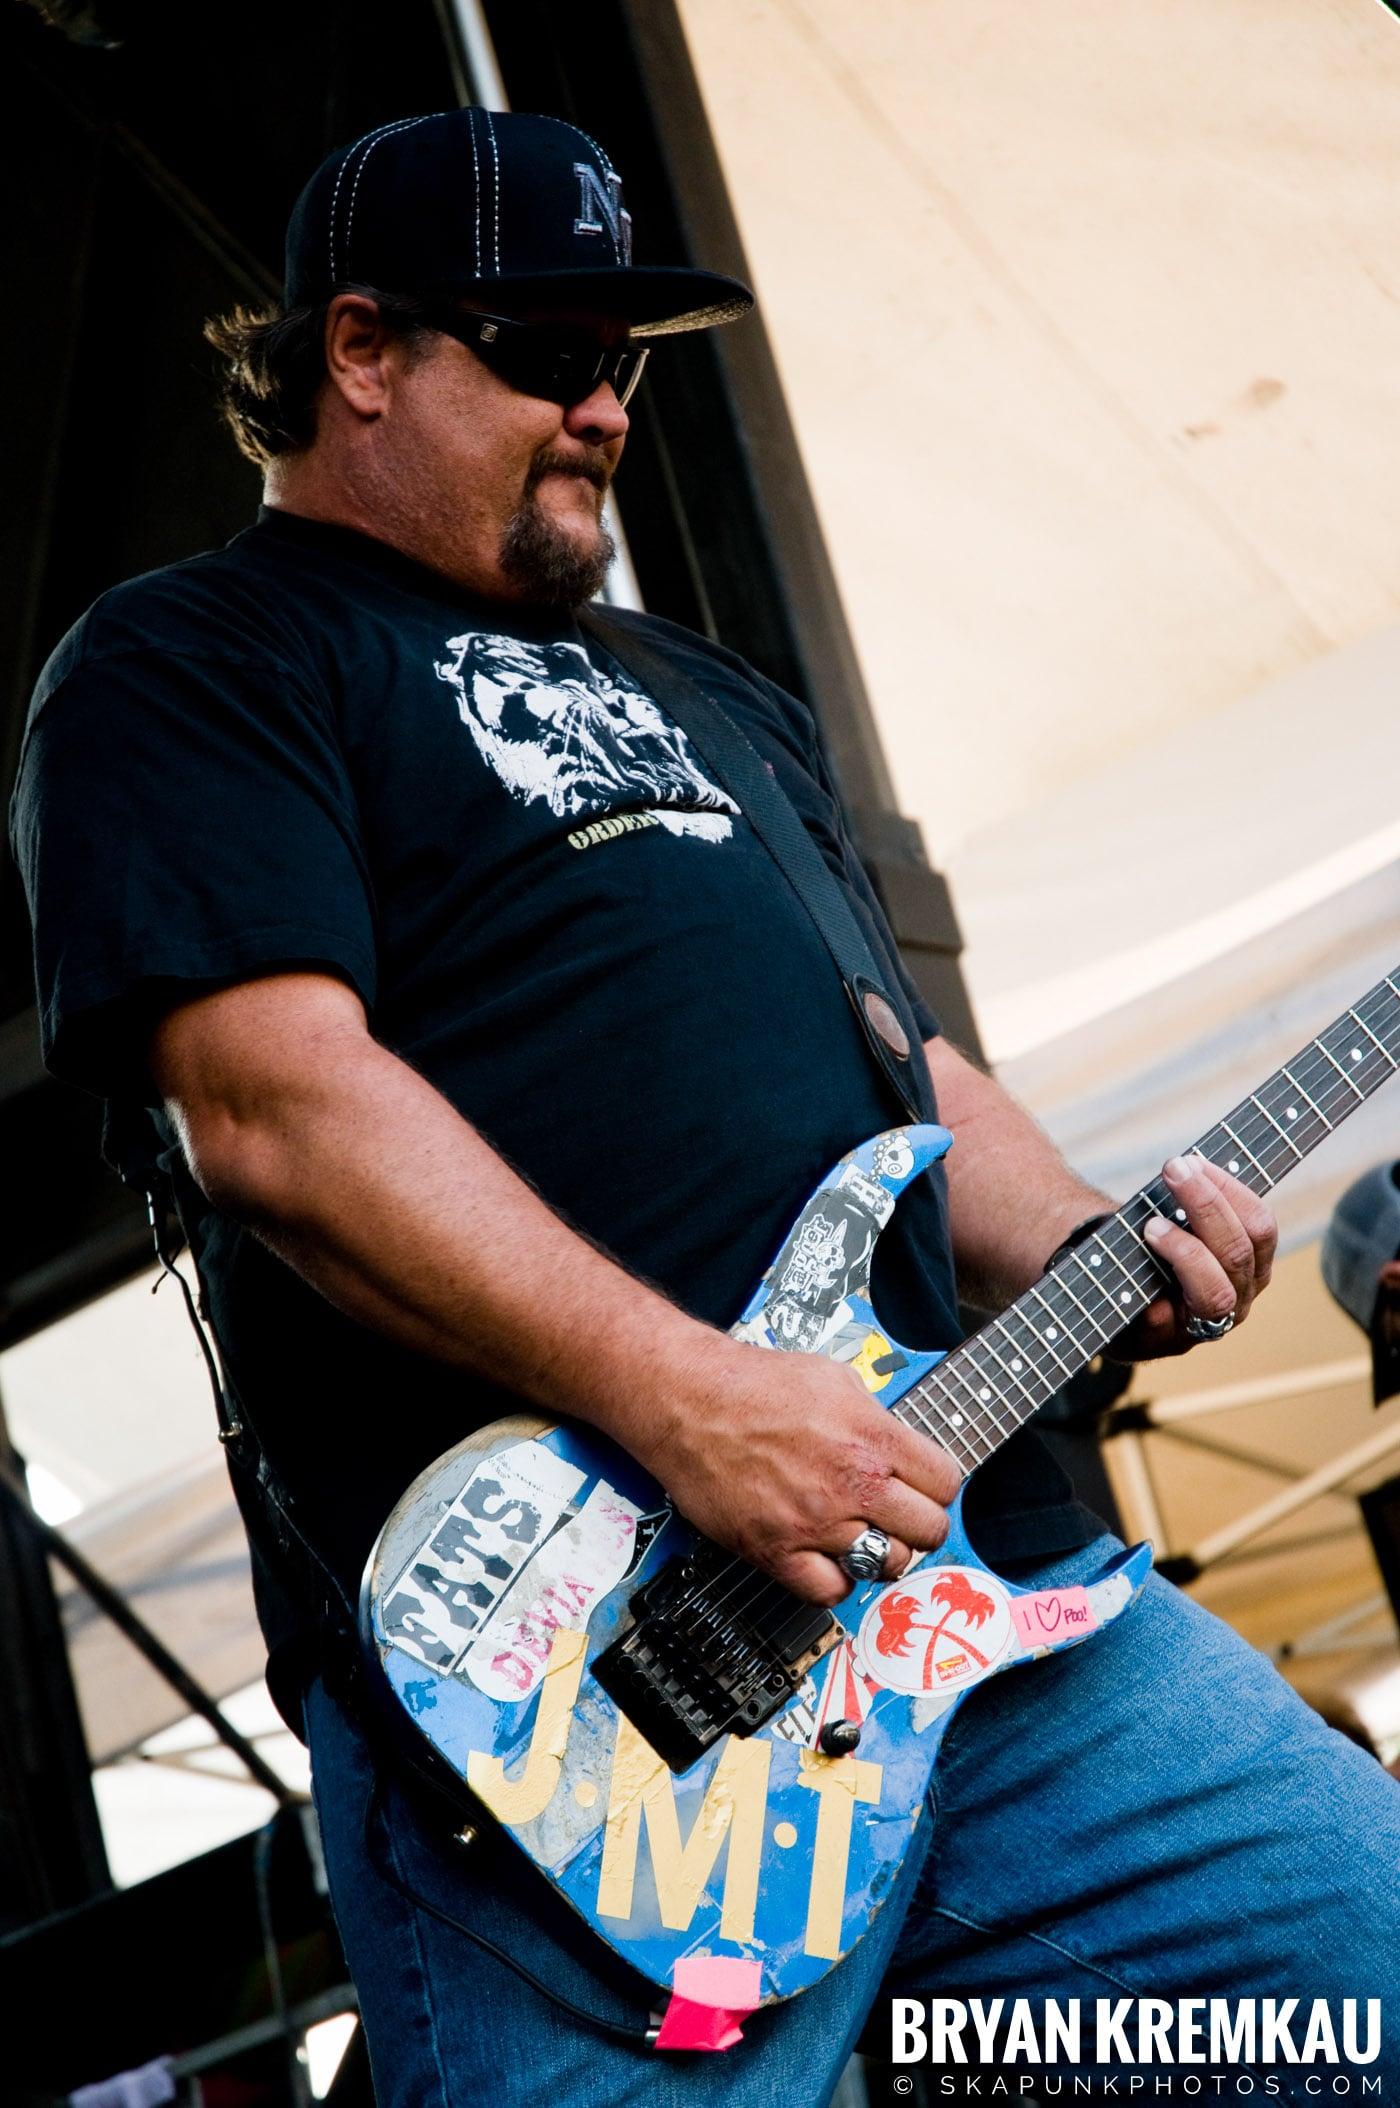 Pennywise @ Warped Tour 08, Scranton PA - 7.27.08 (9)